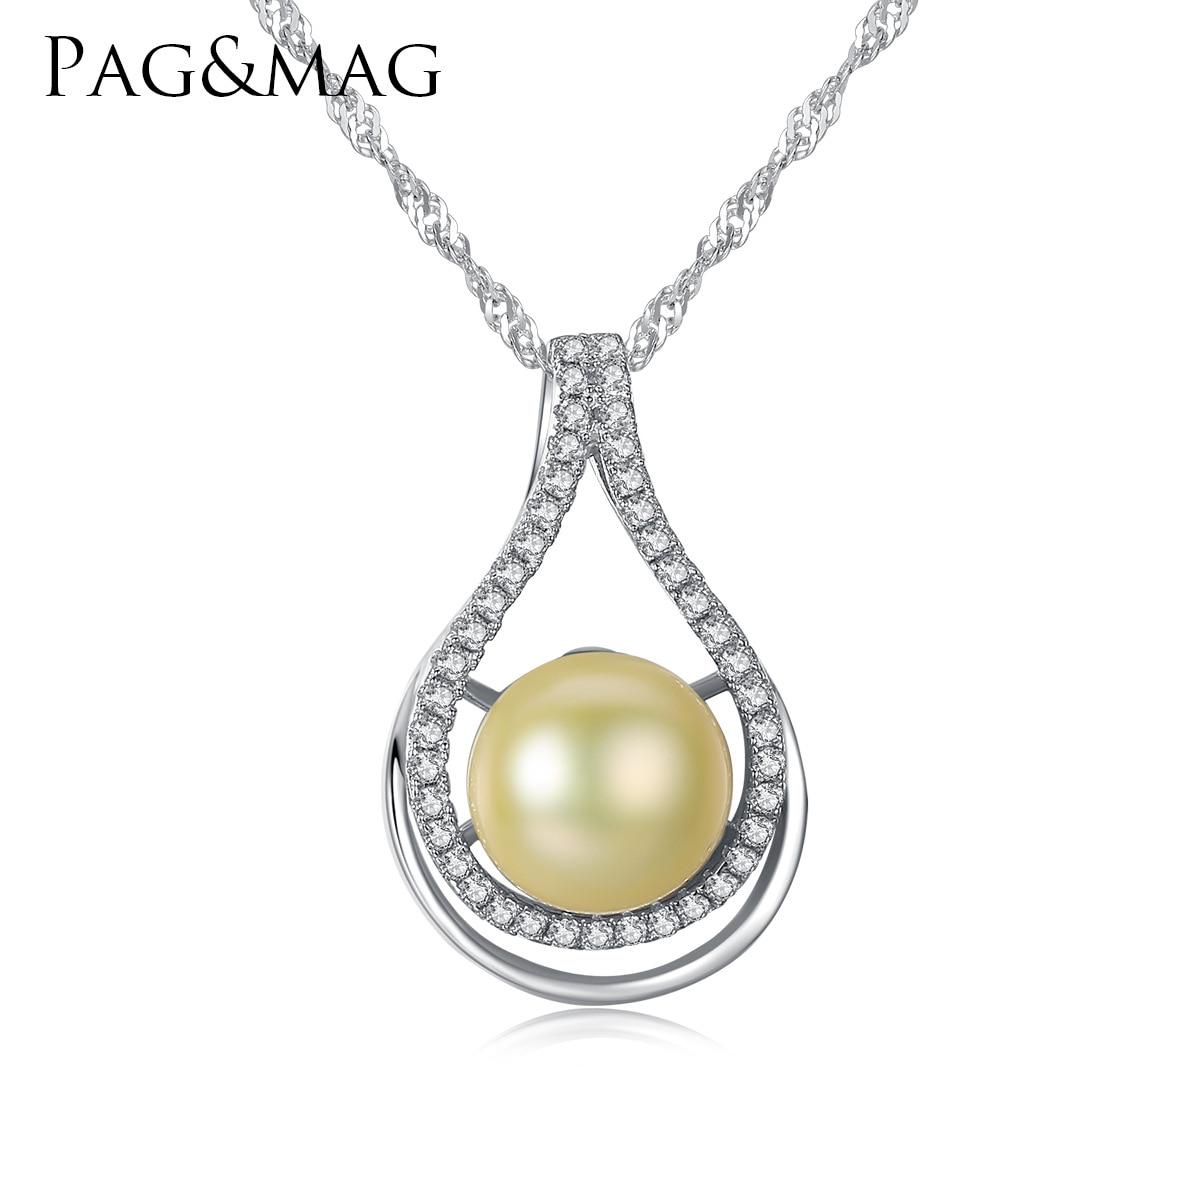 PAG & MAG naturel 10-15mm perle d'eau douce S925 collier en argent Sterling pendentif chaîne d'os féminine raffinée